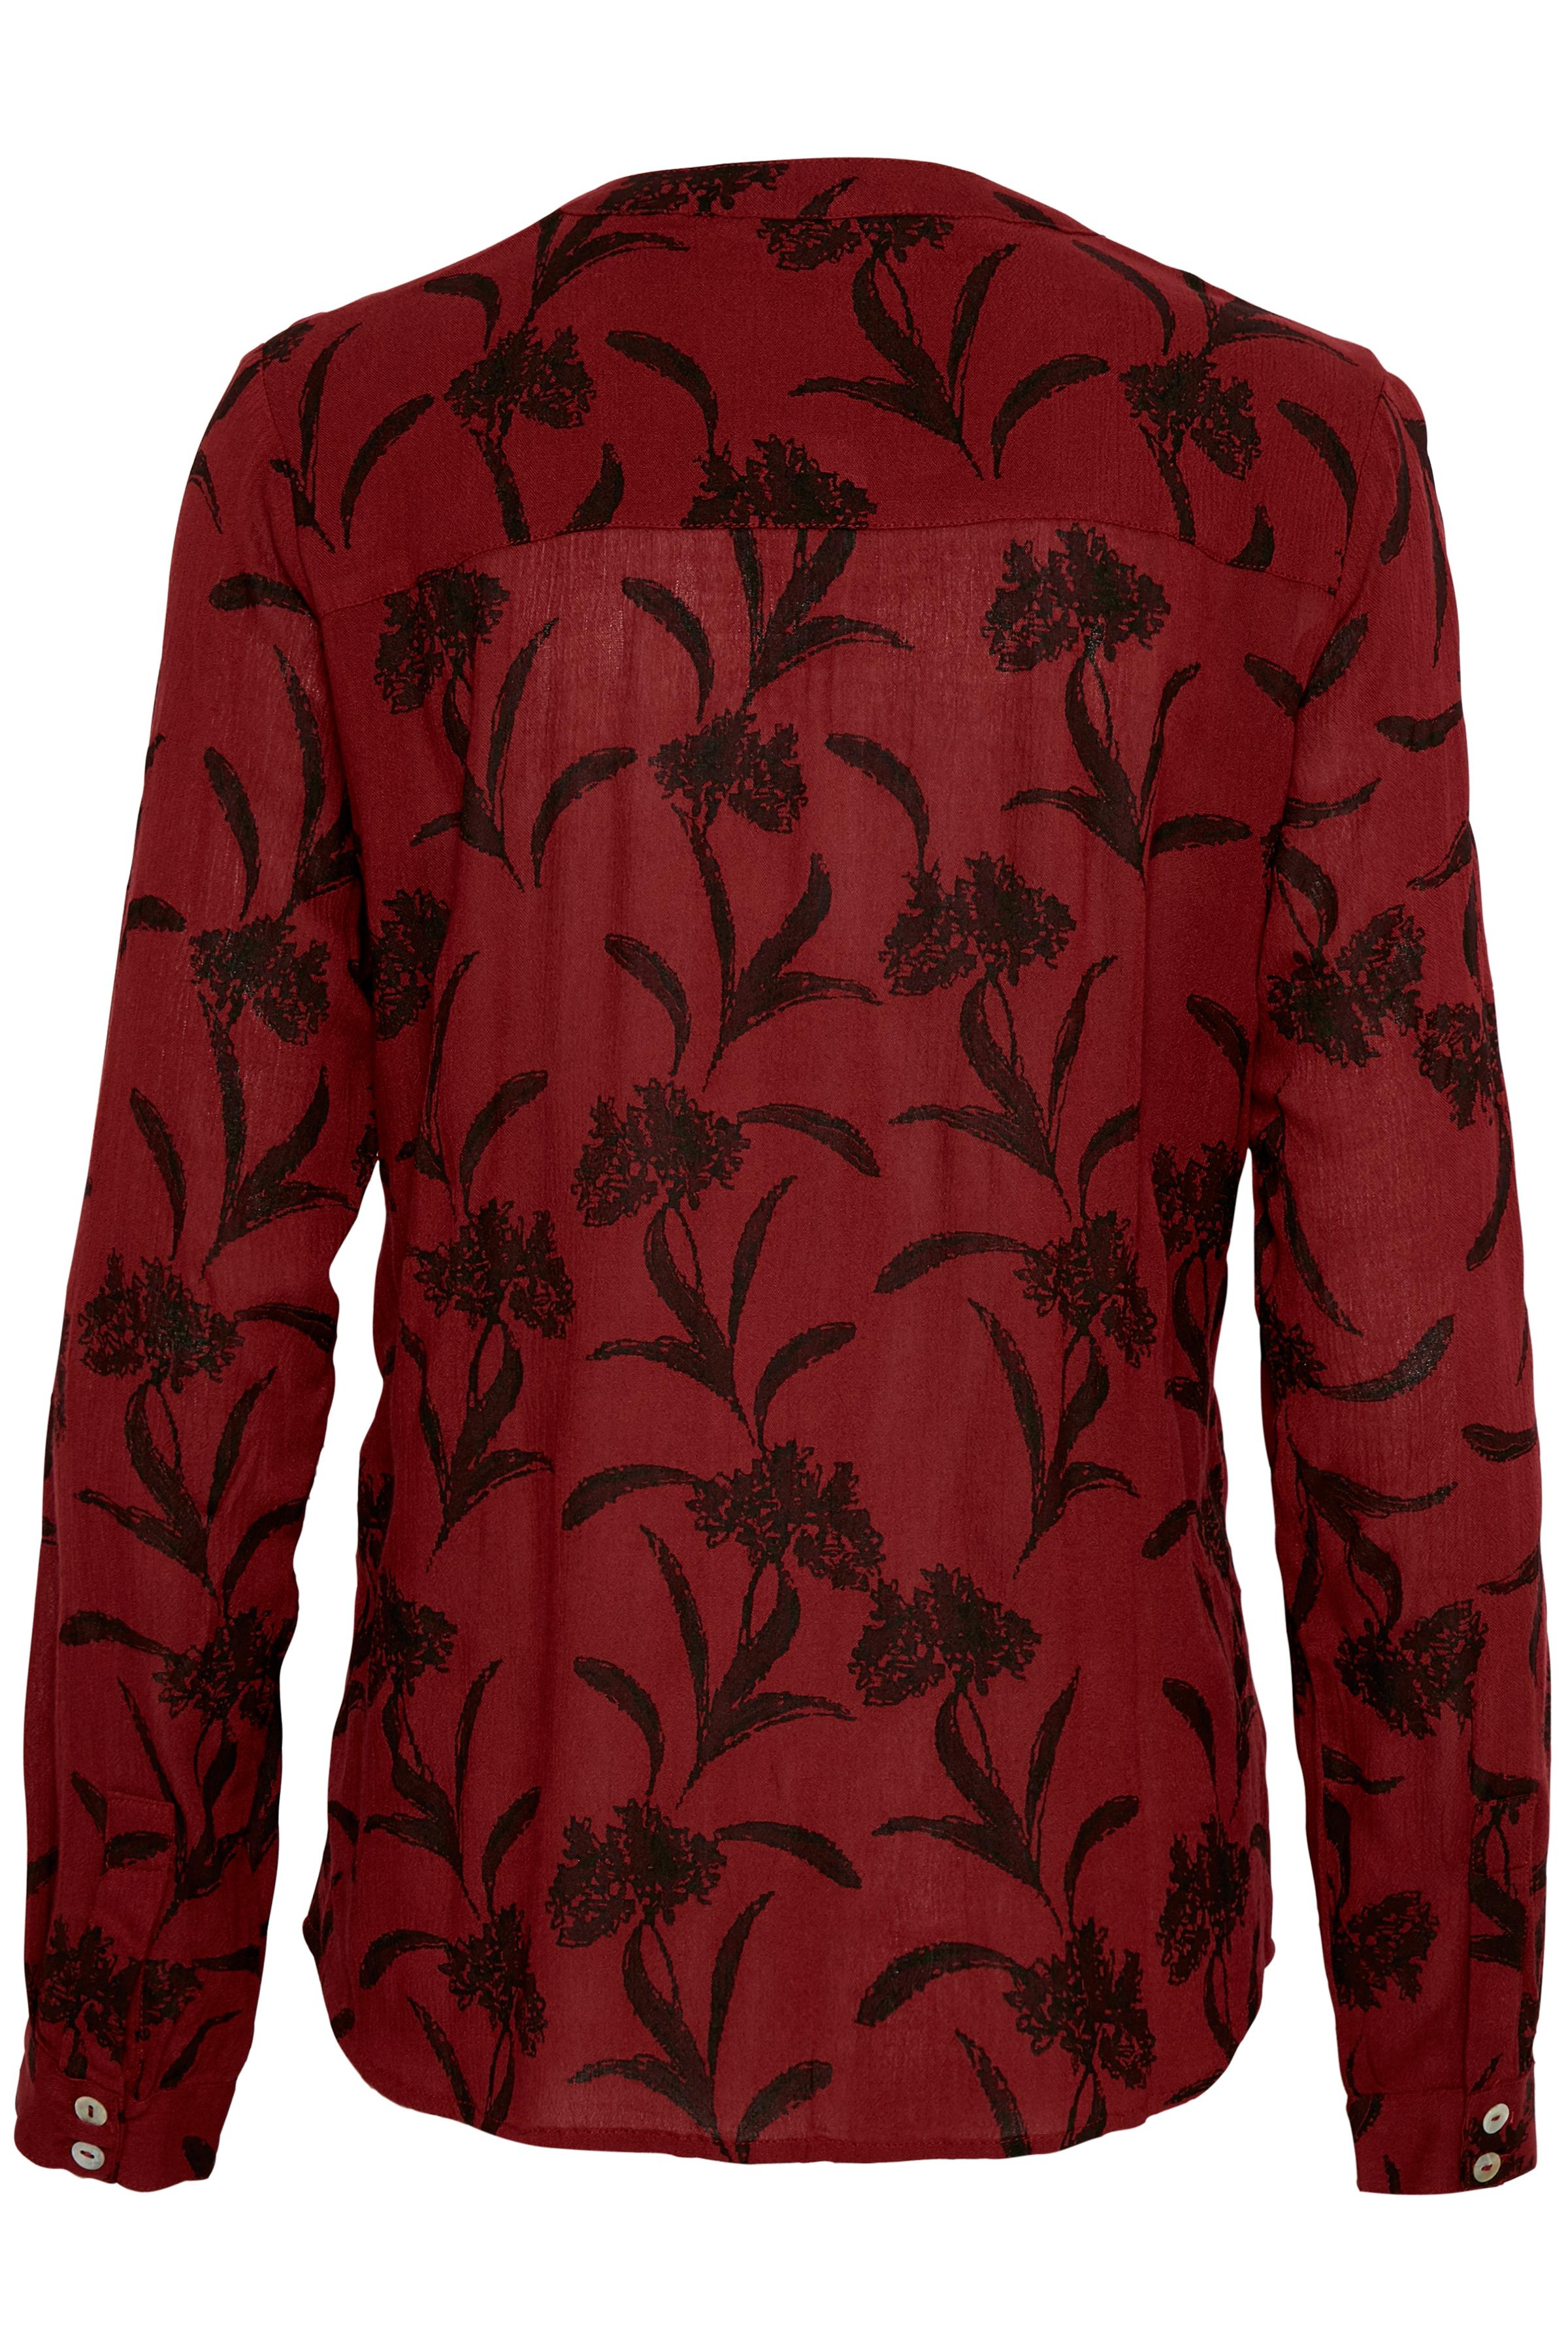 Mörkröd Långärmad skjorta från Kaffe – Köp Mörkröd Långärmad skjorta från stl. 34-46 här